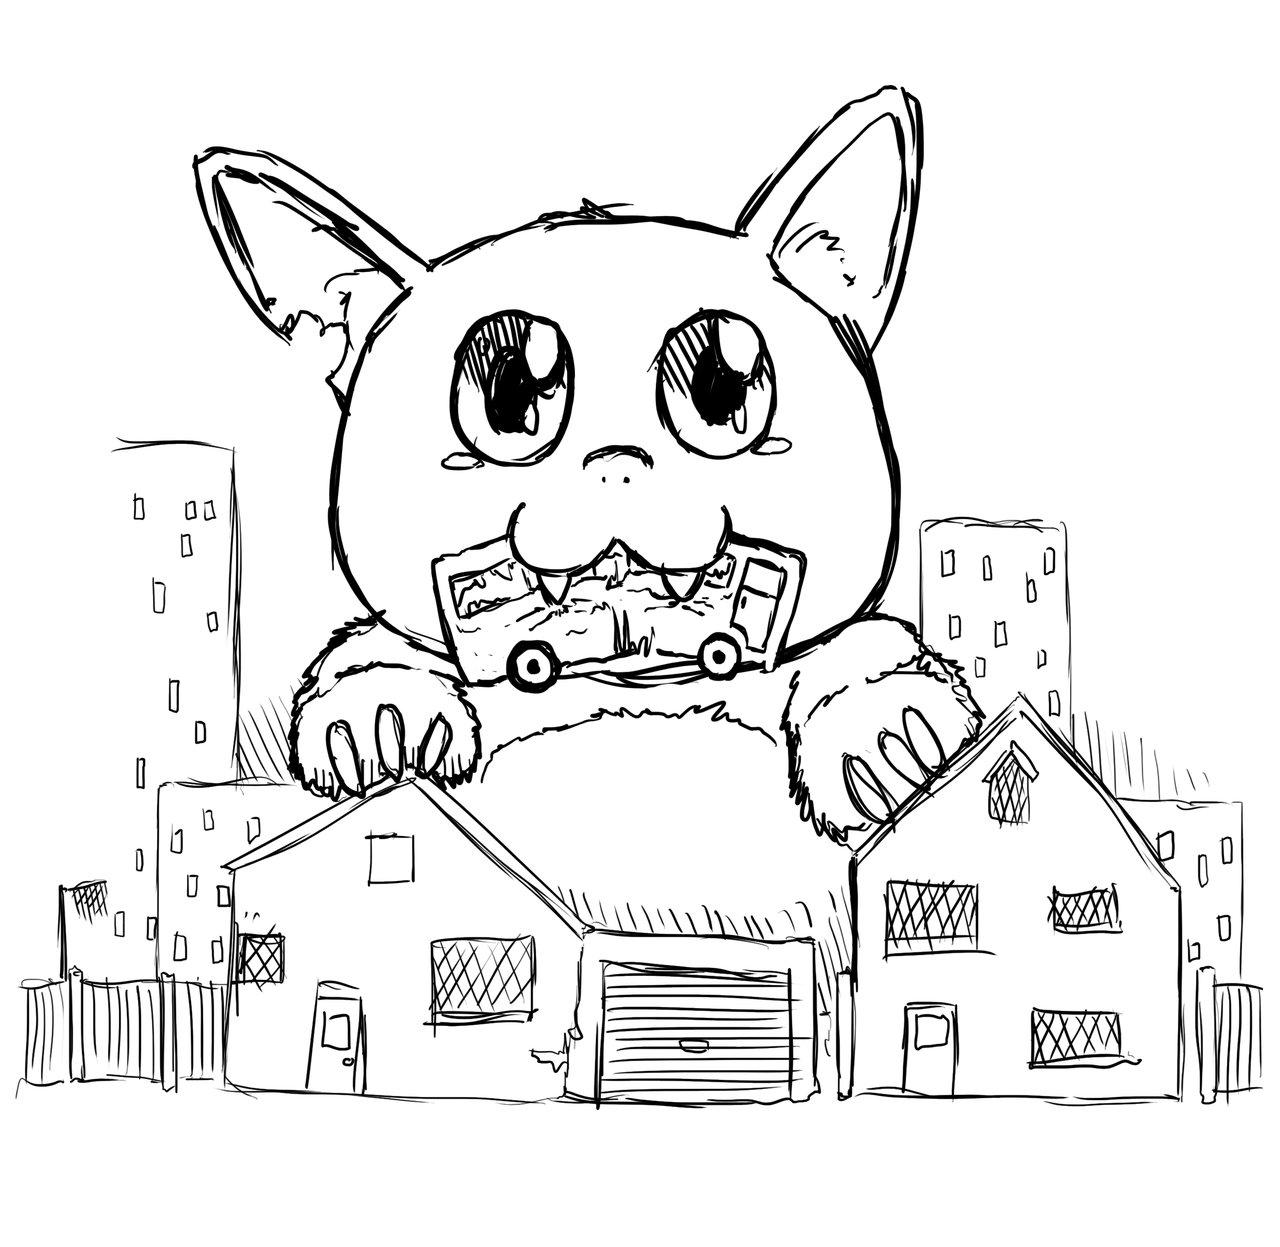 1280x1247 Drawing Cute Monster Drawings Easy As Well As Cute Cookie